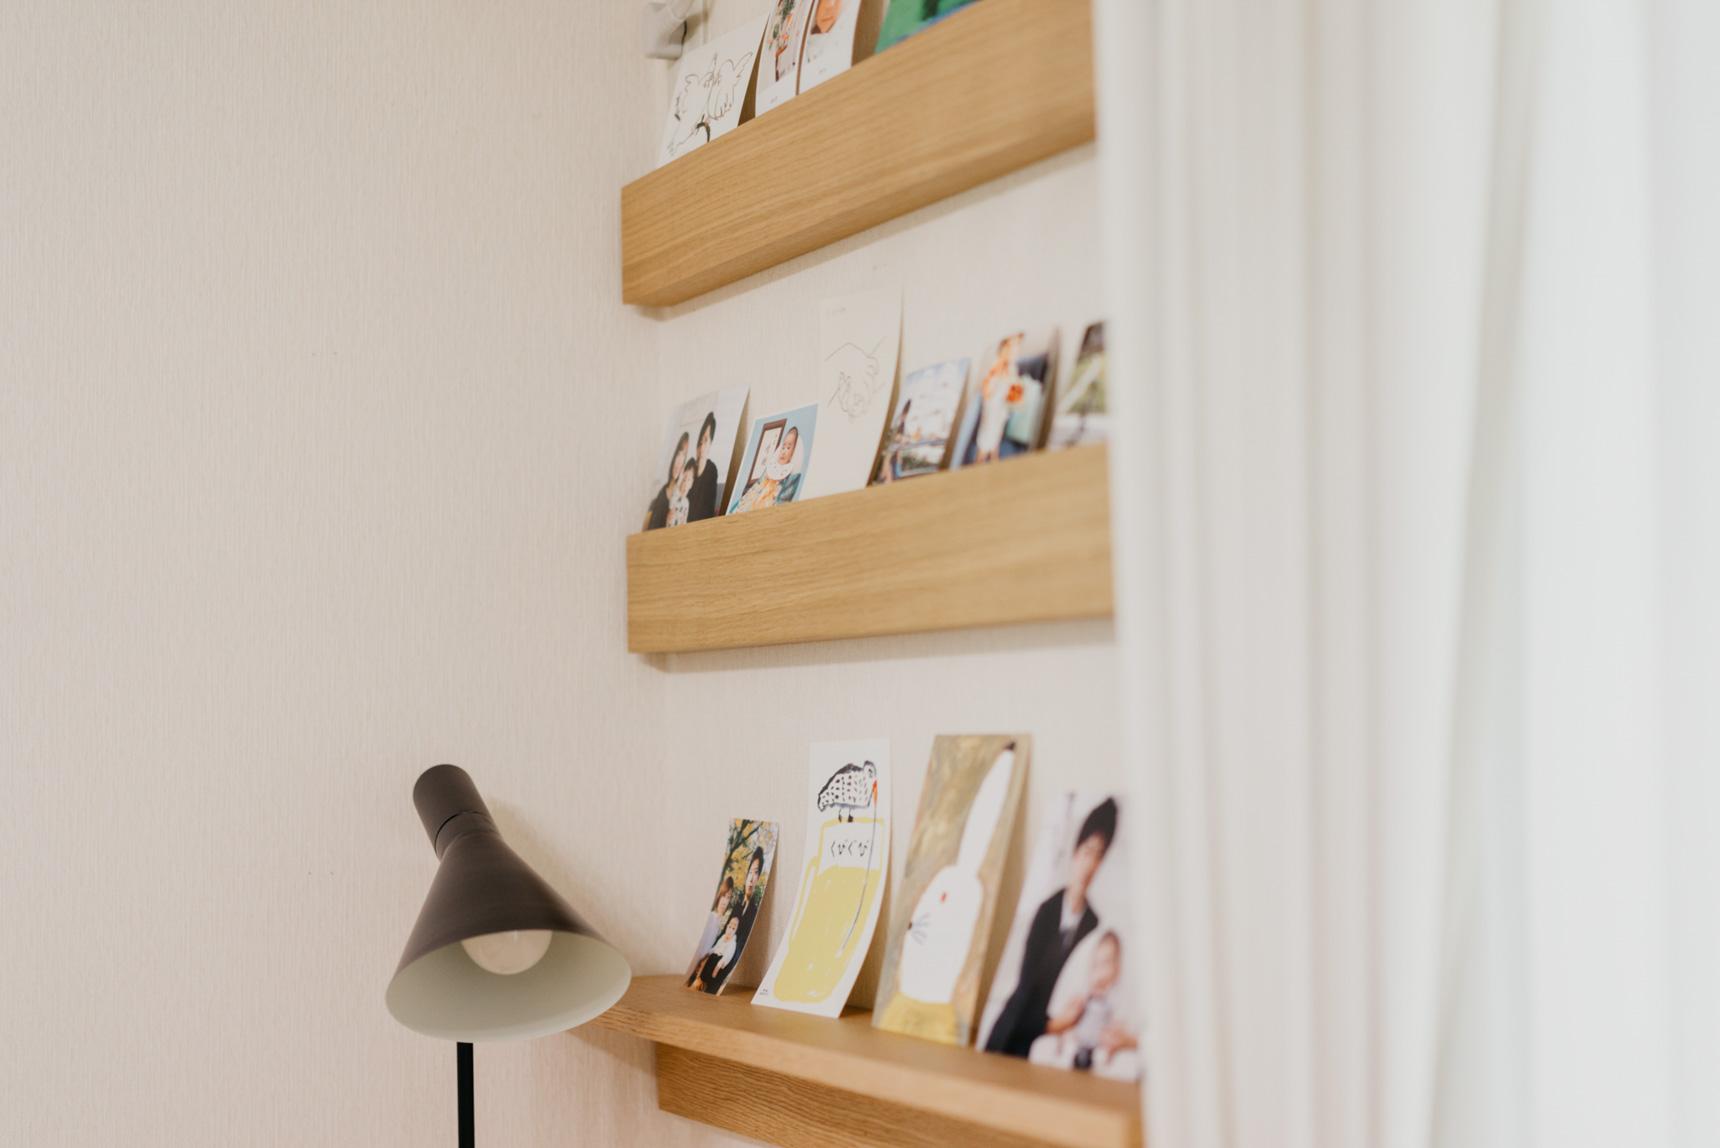 こちらは溝を活用することで写真や絵を立て掛けています。自分で棚の場所を調整できるので、もう少し大きめのサイズも立て掛けられそう。(このお部屋を見る)